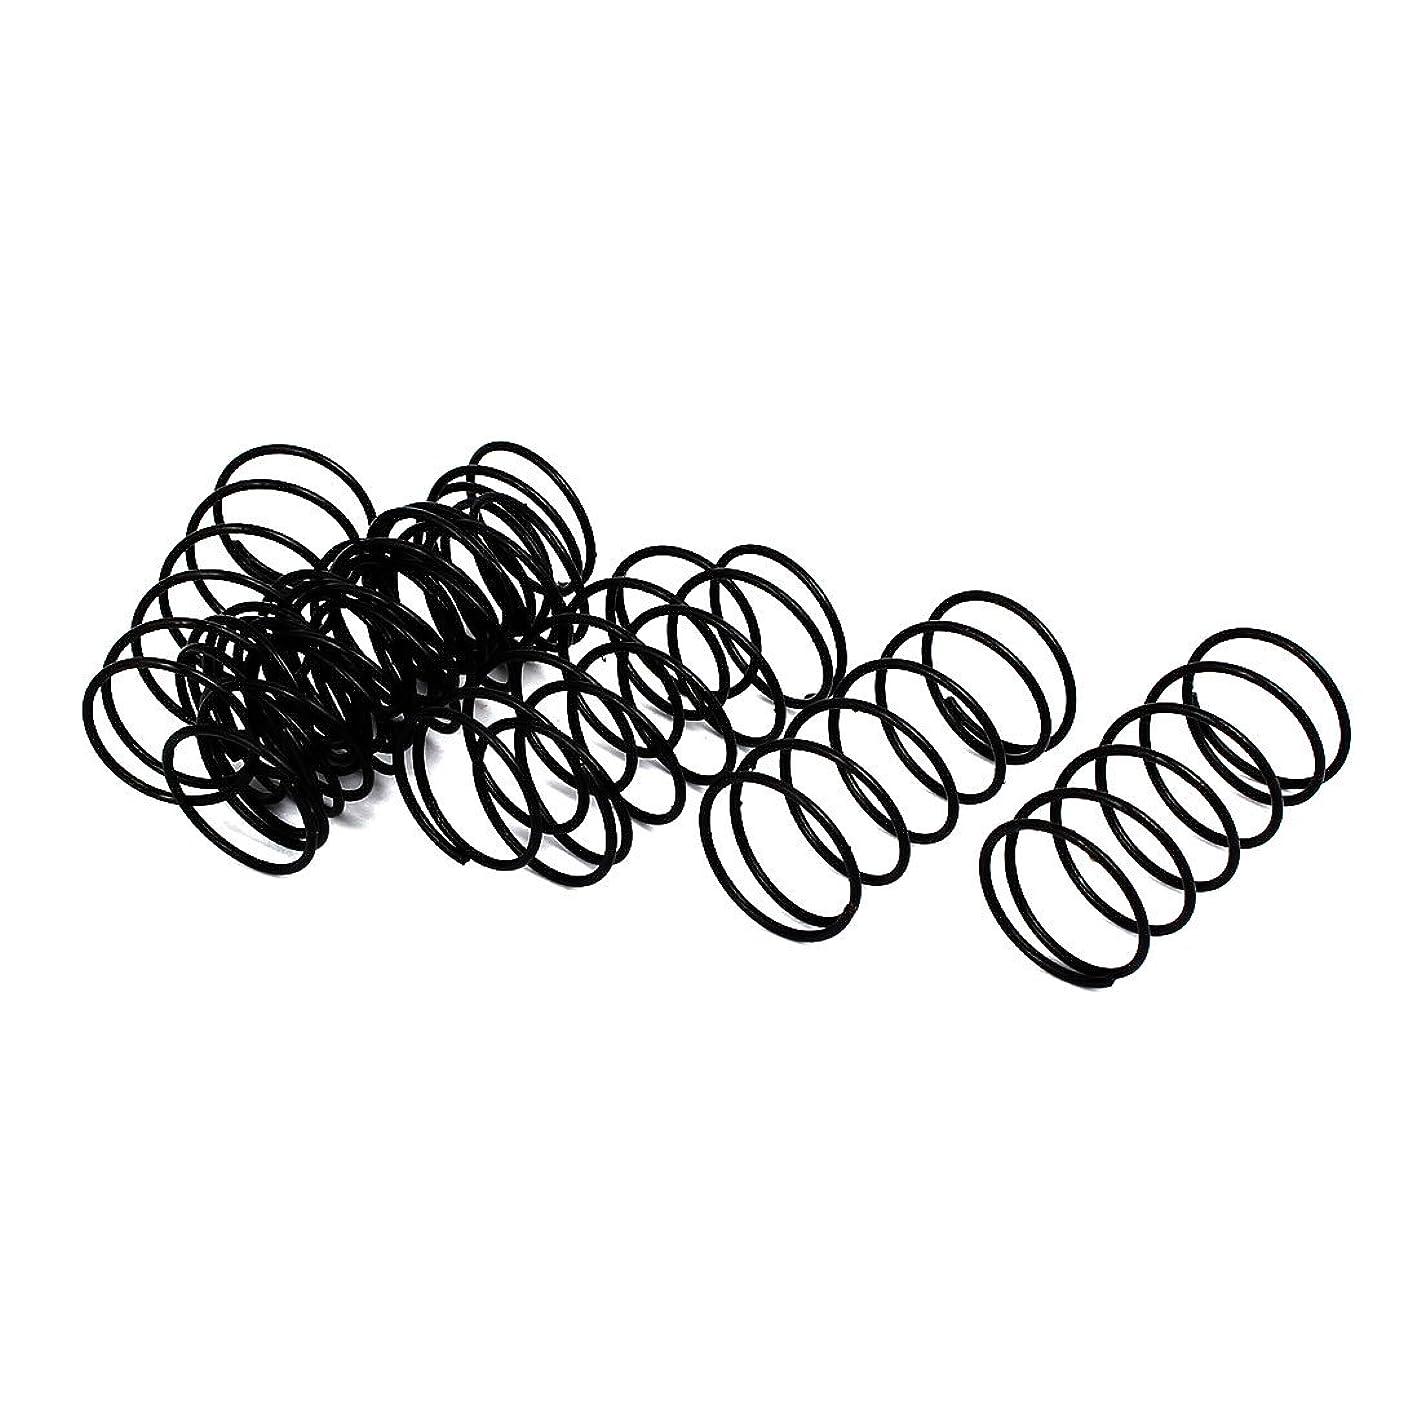 事故意義方法uxcell 圧縮ばね 圧縮スプリング スプリングスチール ワイヤースプリングス 1.2mm径 20mm外径 40mm長さ ブラック 10個入り